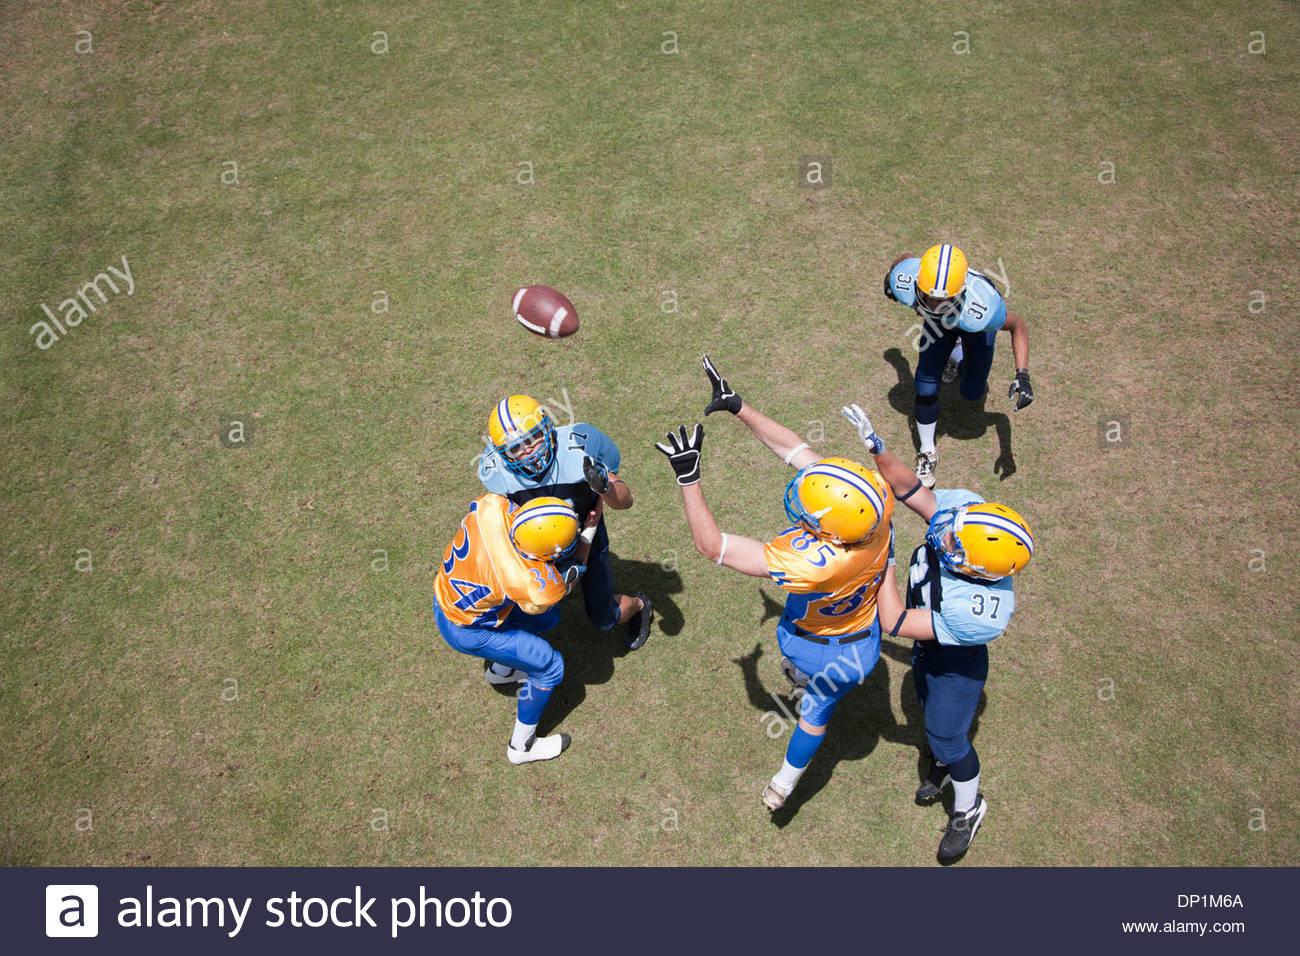 Football player playing football - Stock Image